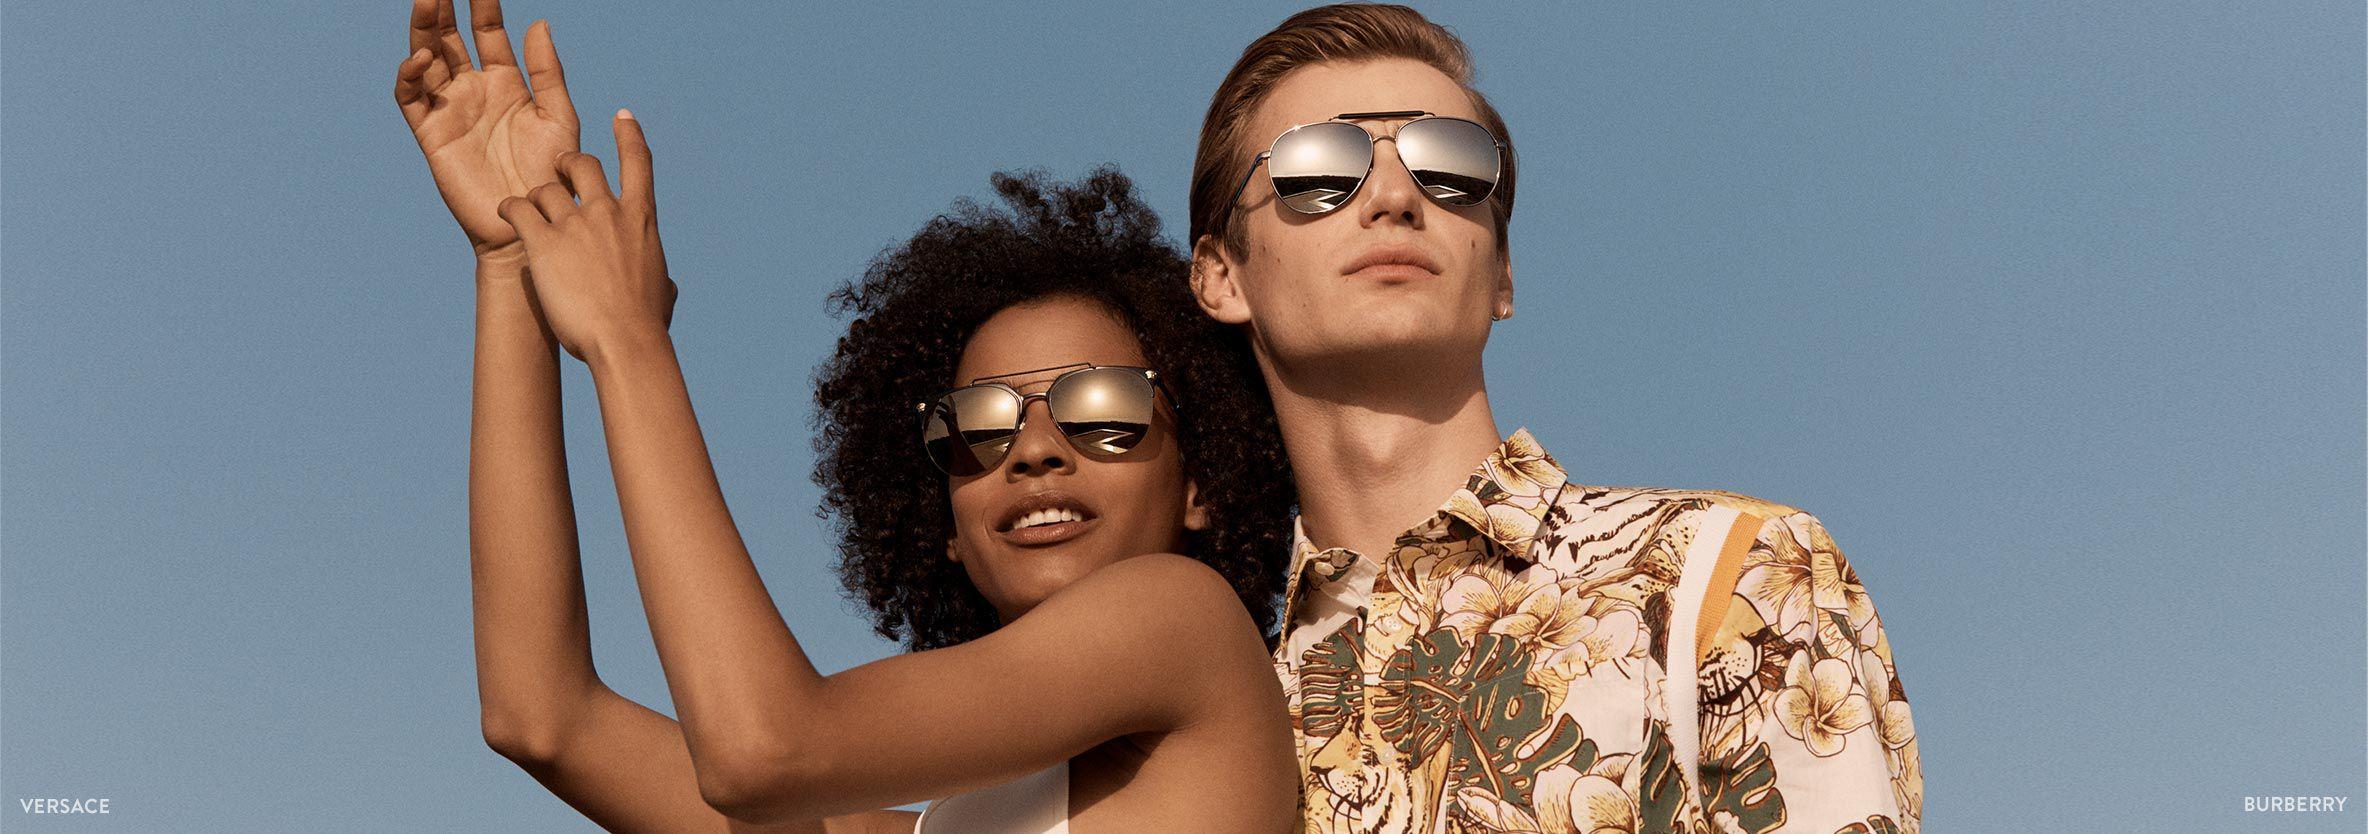 Sunglass Hut Online Store | Sunglasses for Men, Women & Kids